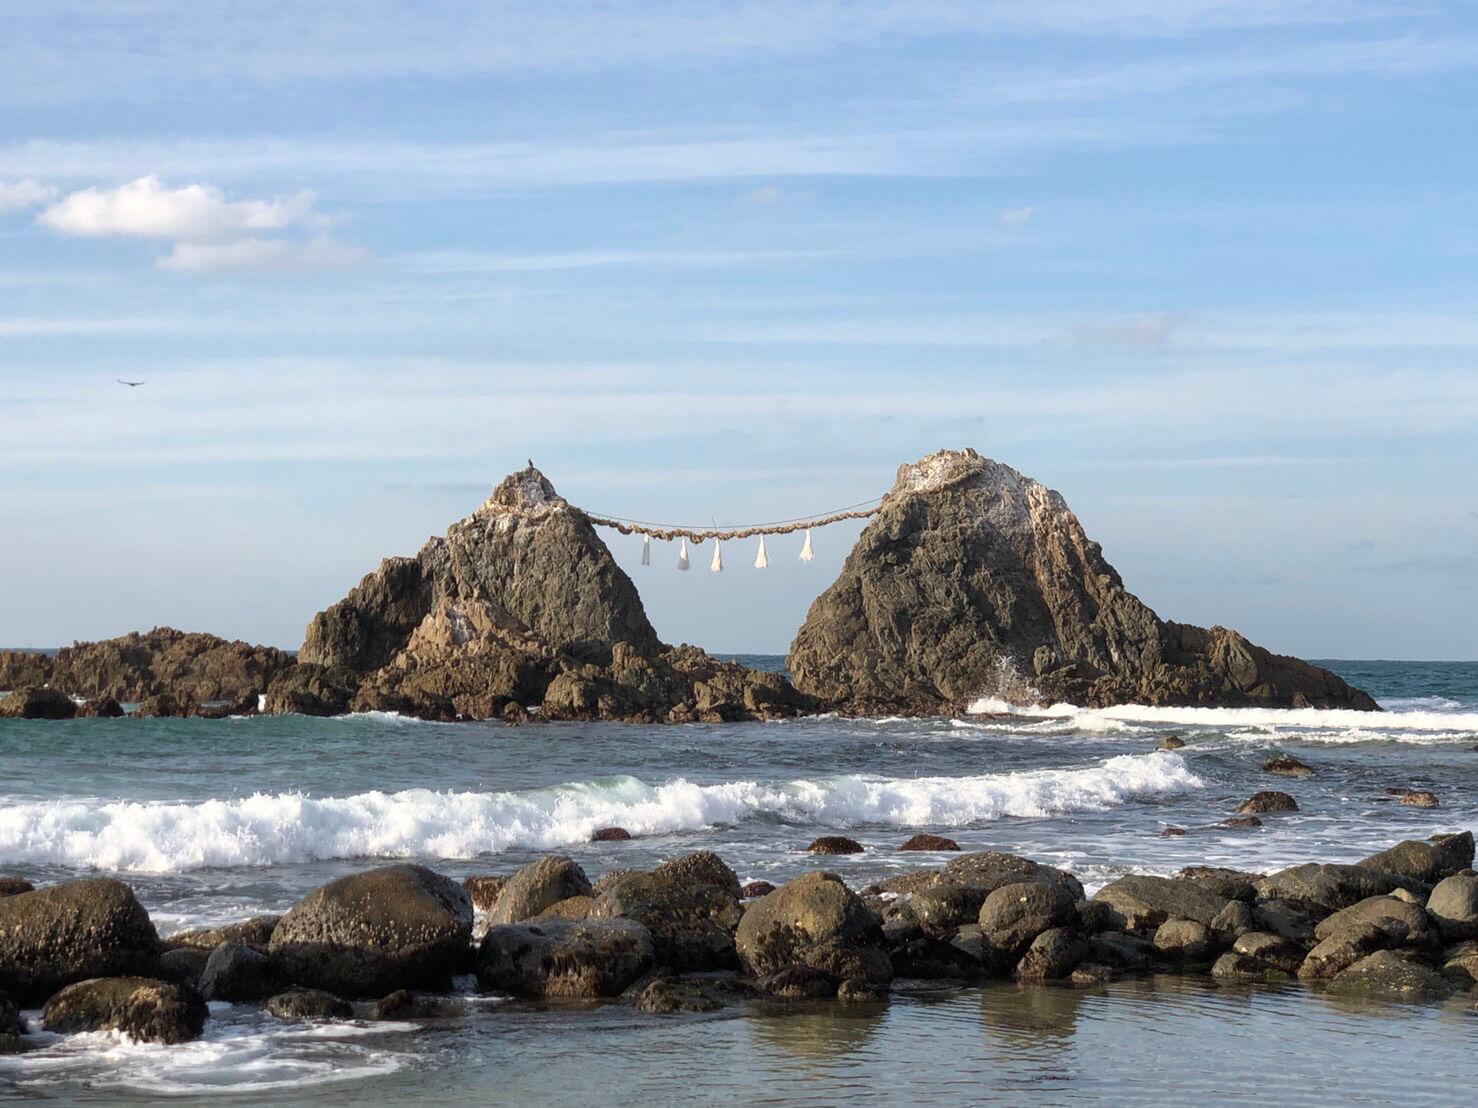 福岡觀光景點!「糸島」推薦咖啡廳&景點6選 在福岡、日本旅行、